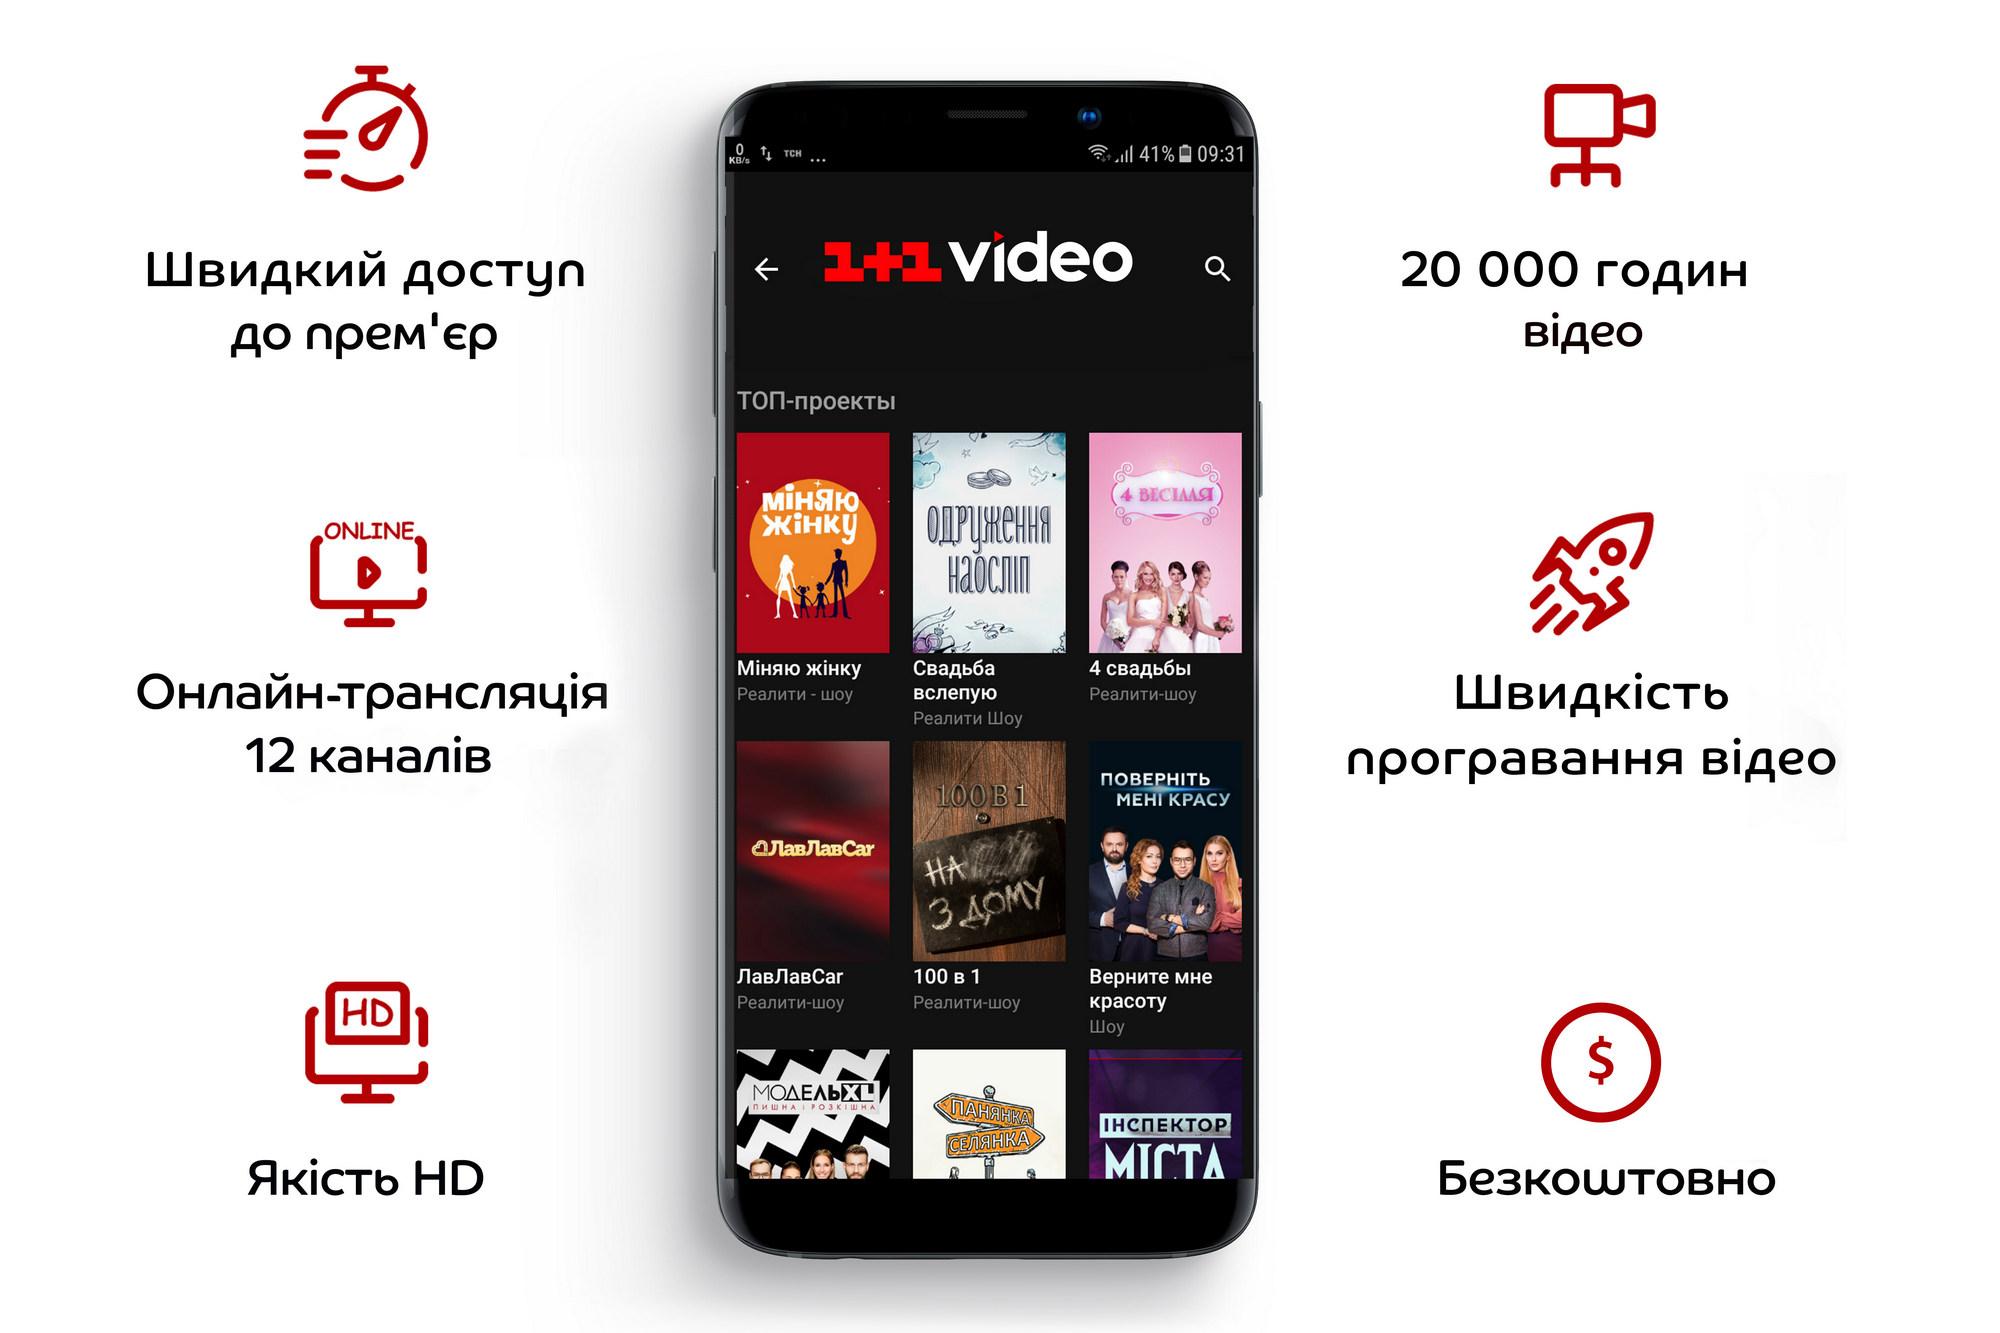 бет приложение икс 1 мобильное